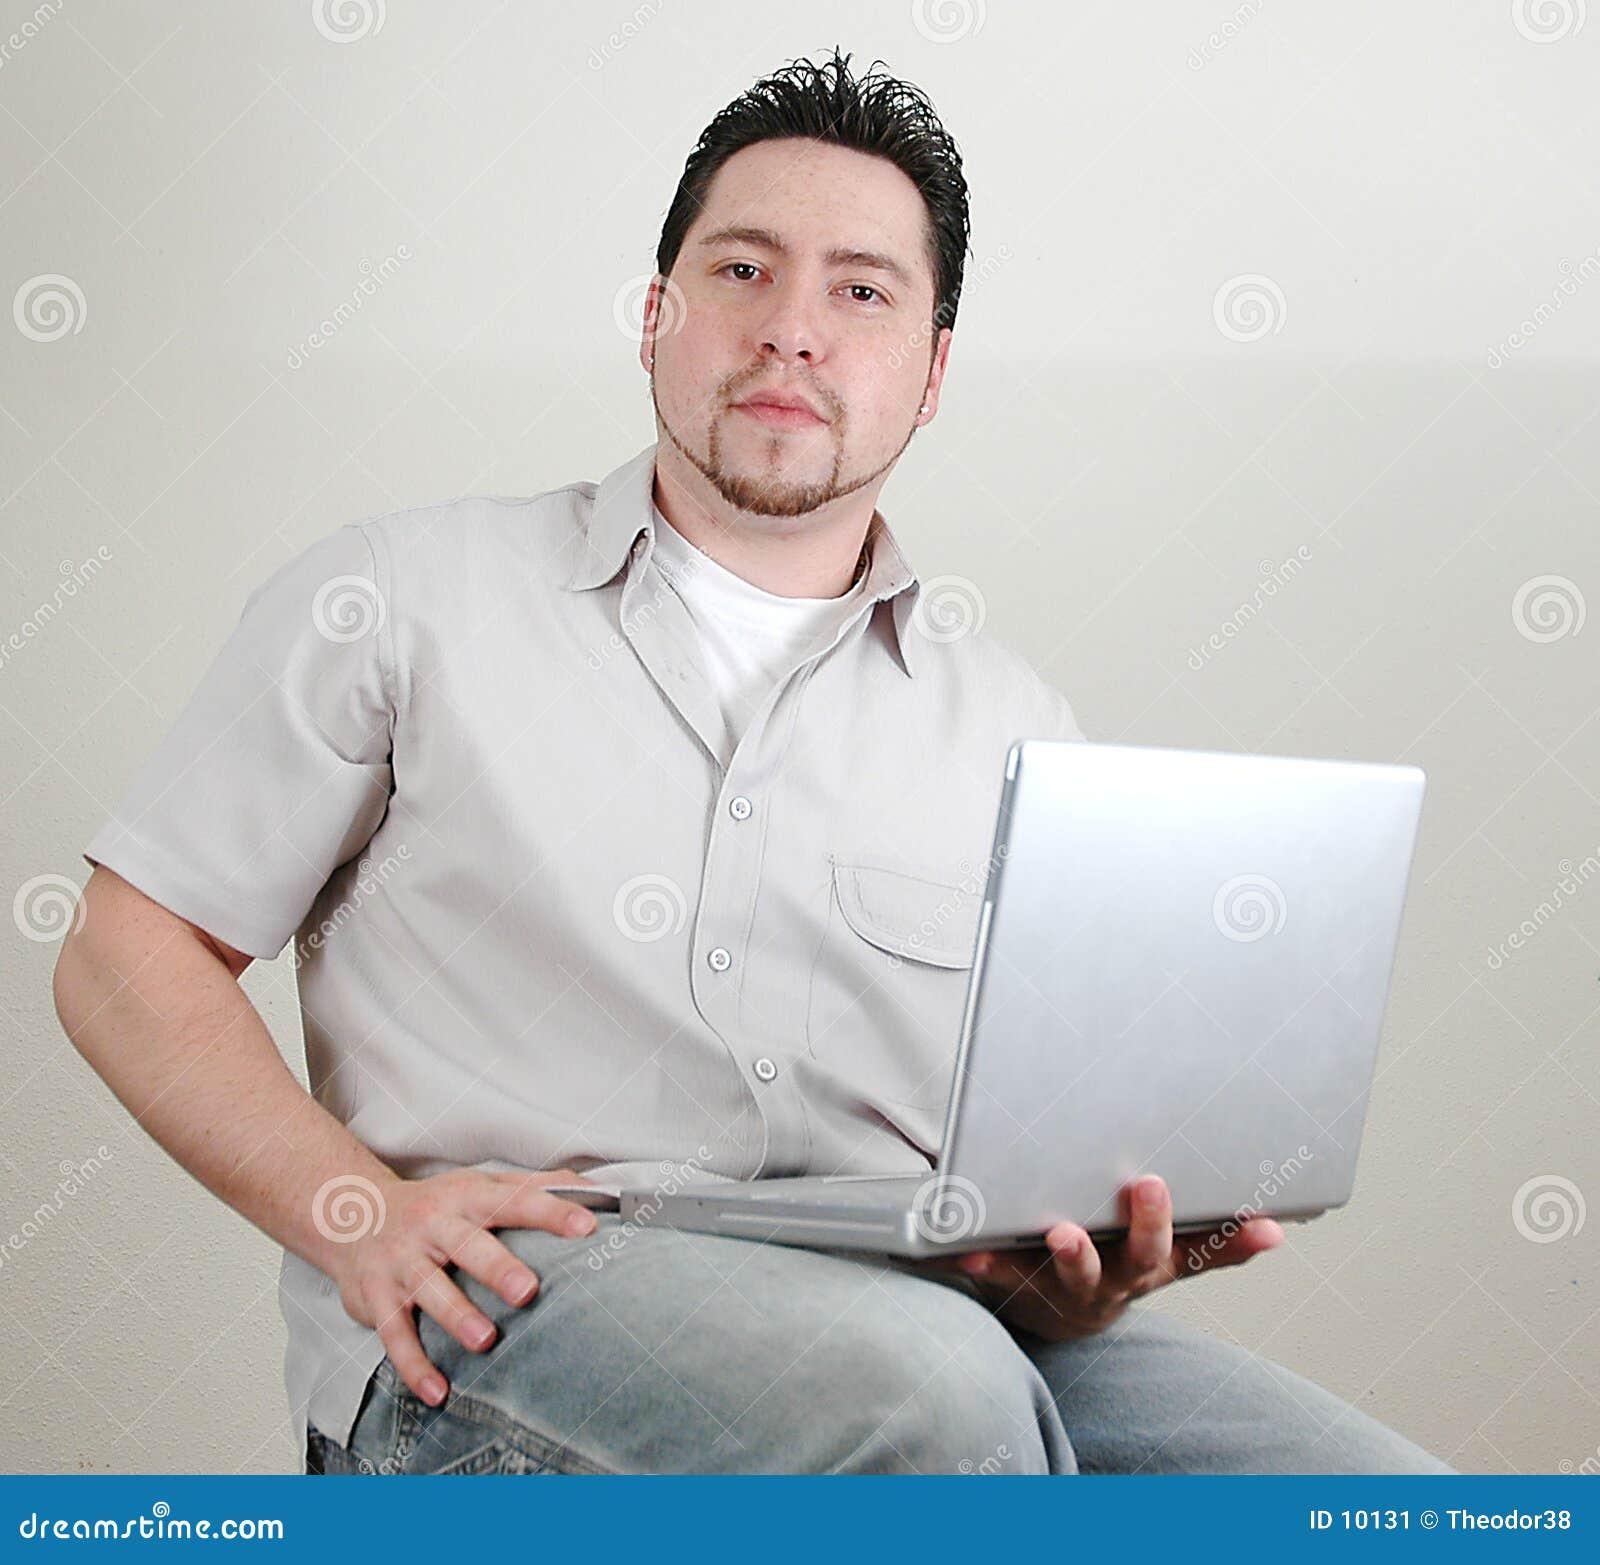 άτομο 6 υπολογιστών